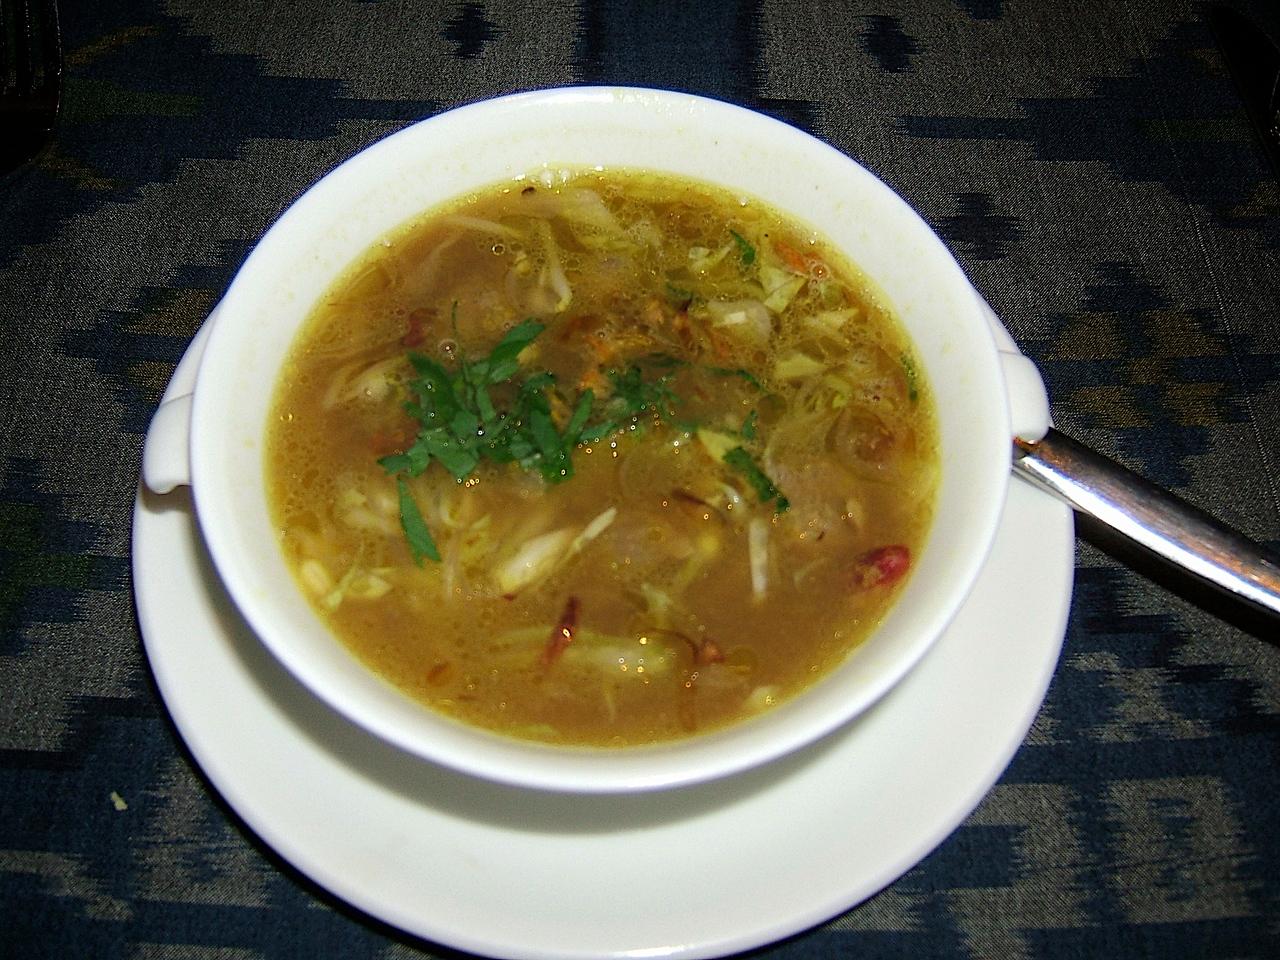 Lemongrass soup with suckling pig.